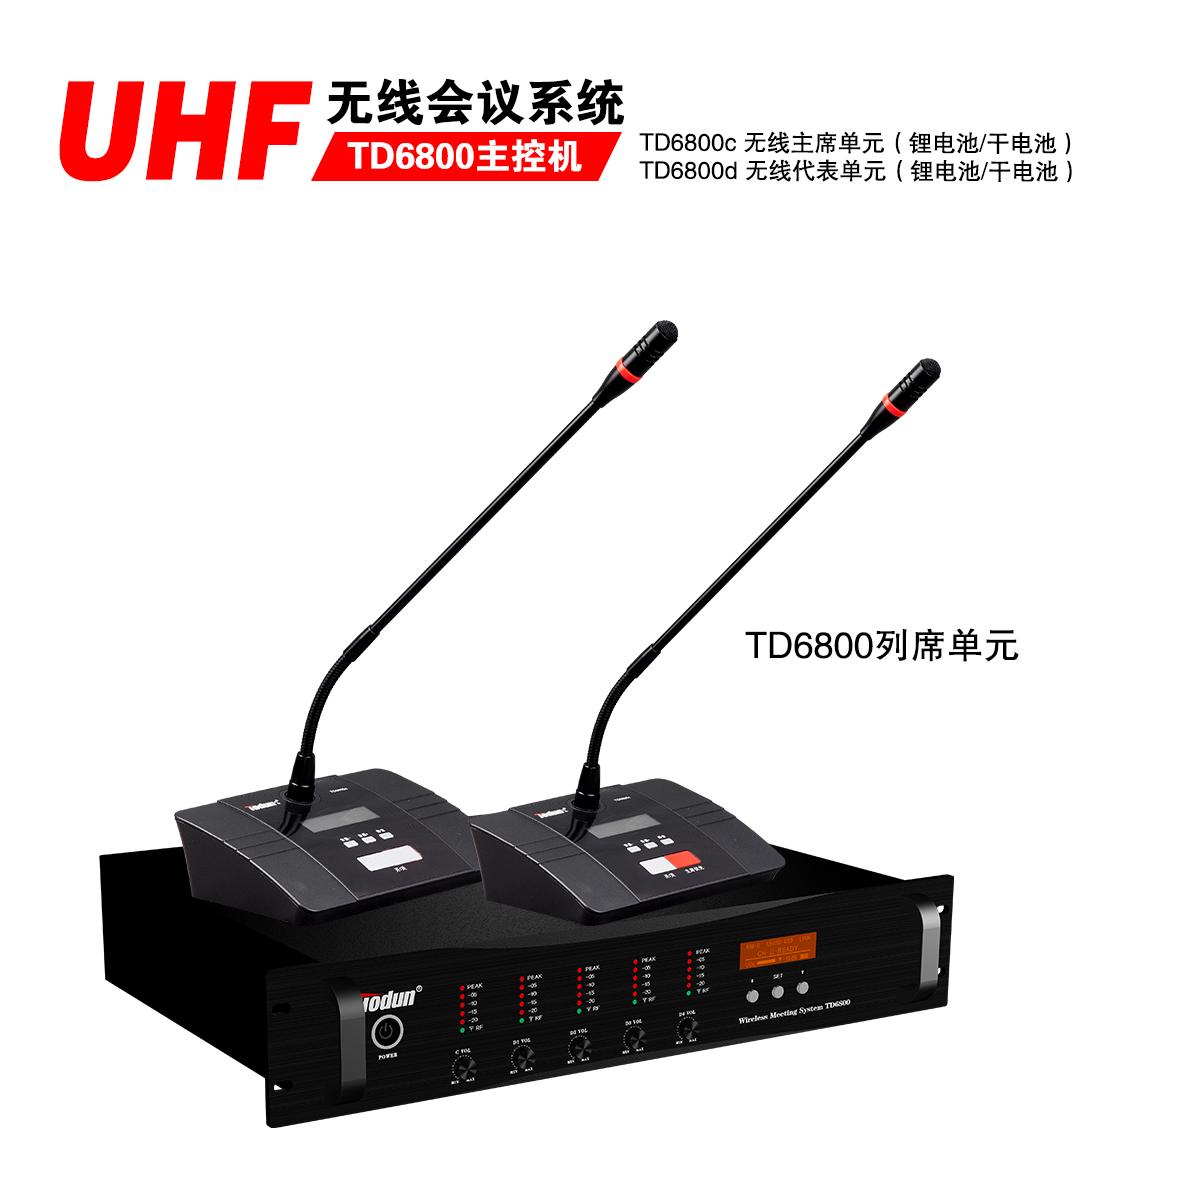 无线会议系统TD6800c 高保真 信噪比高 无声音延时 会议声音接近完美